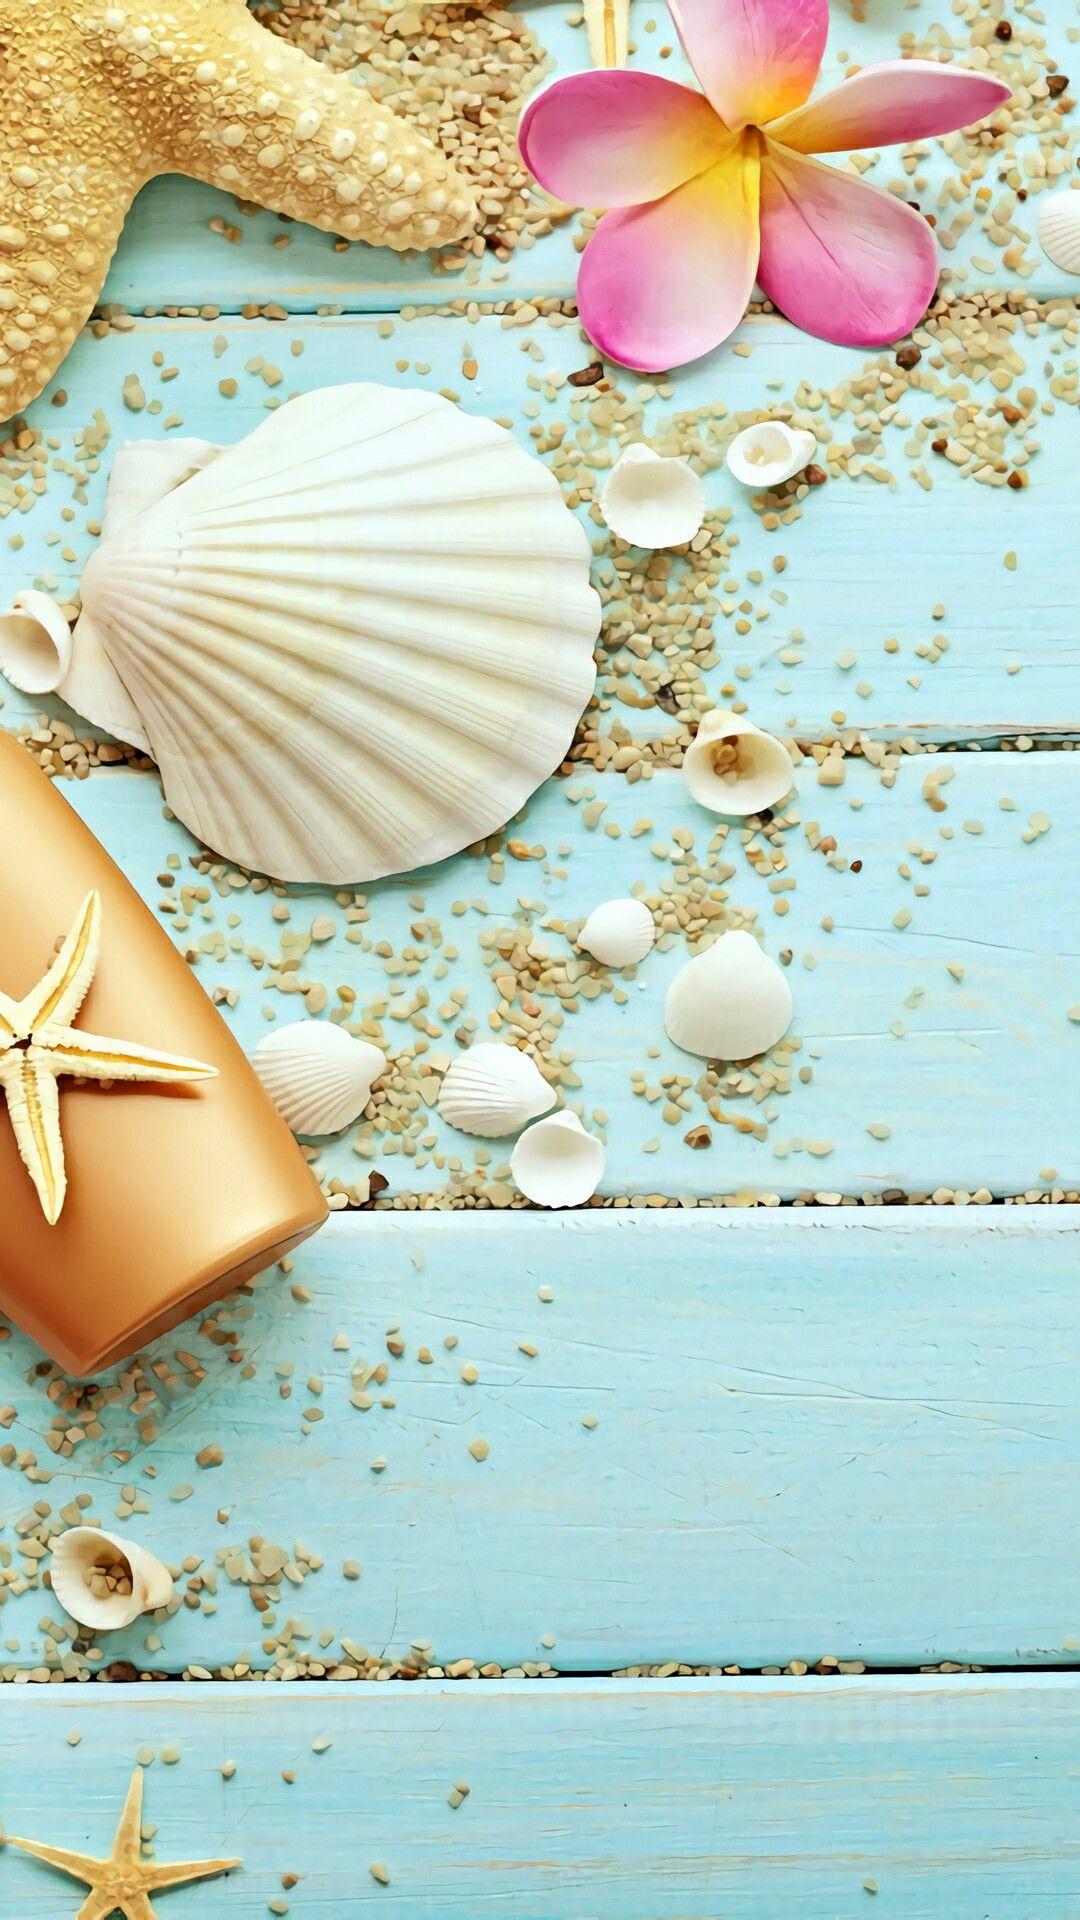 beachy wallpaper   bind it up   pinterest   wallpaper, iphone